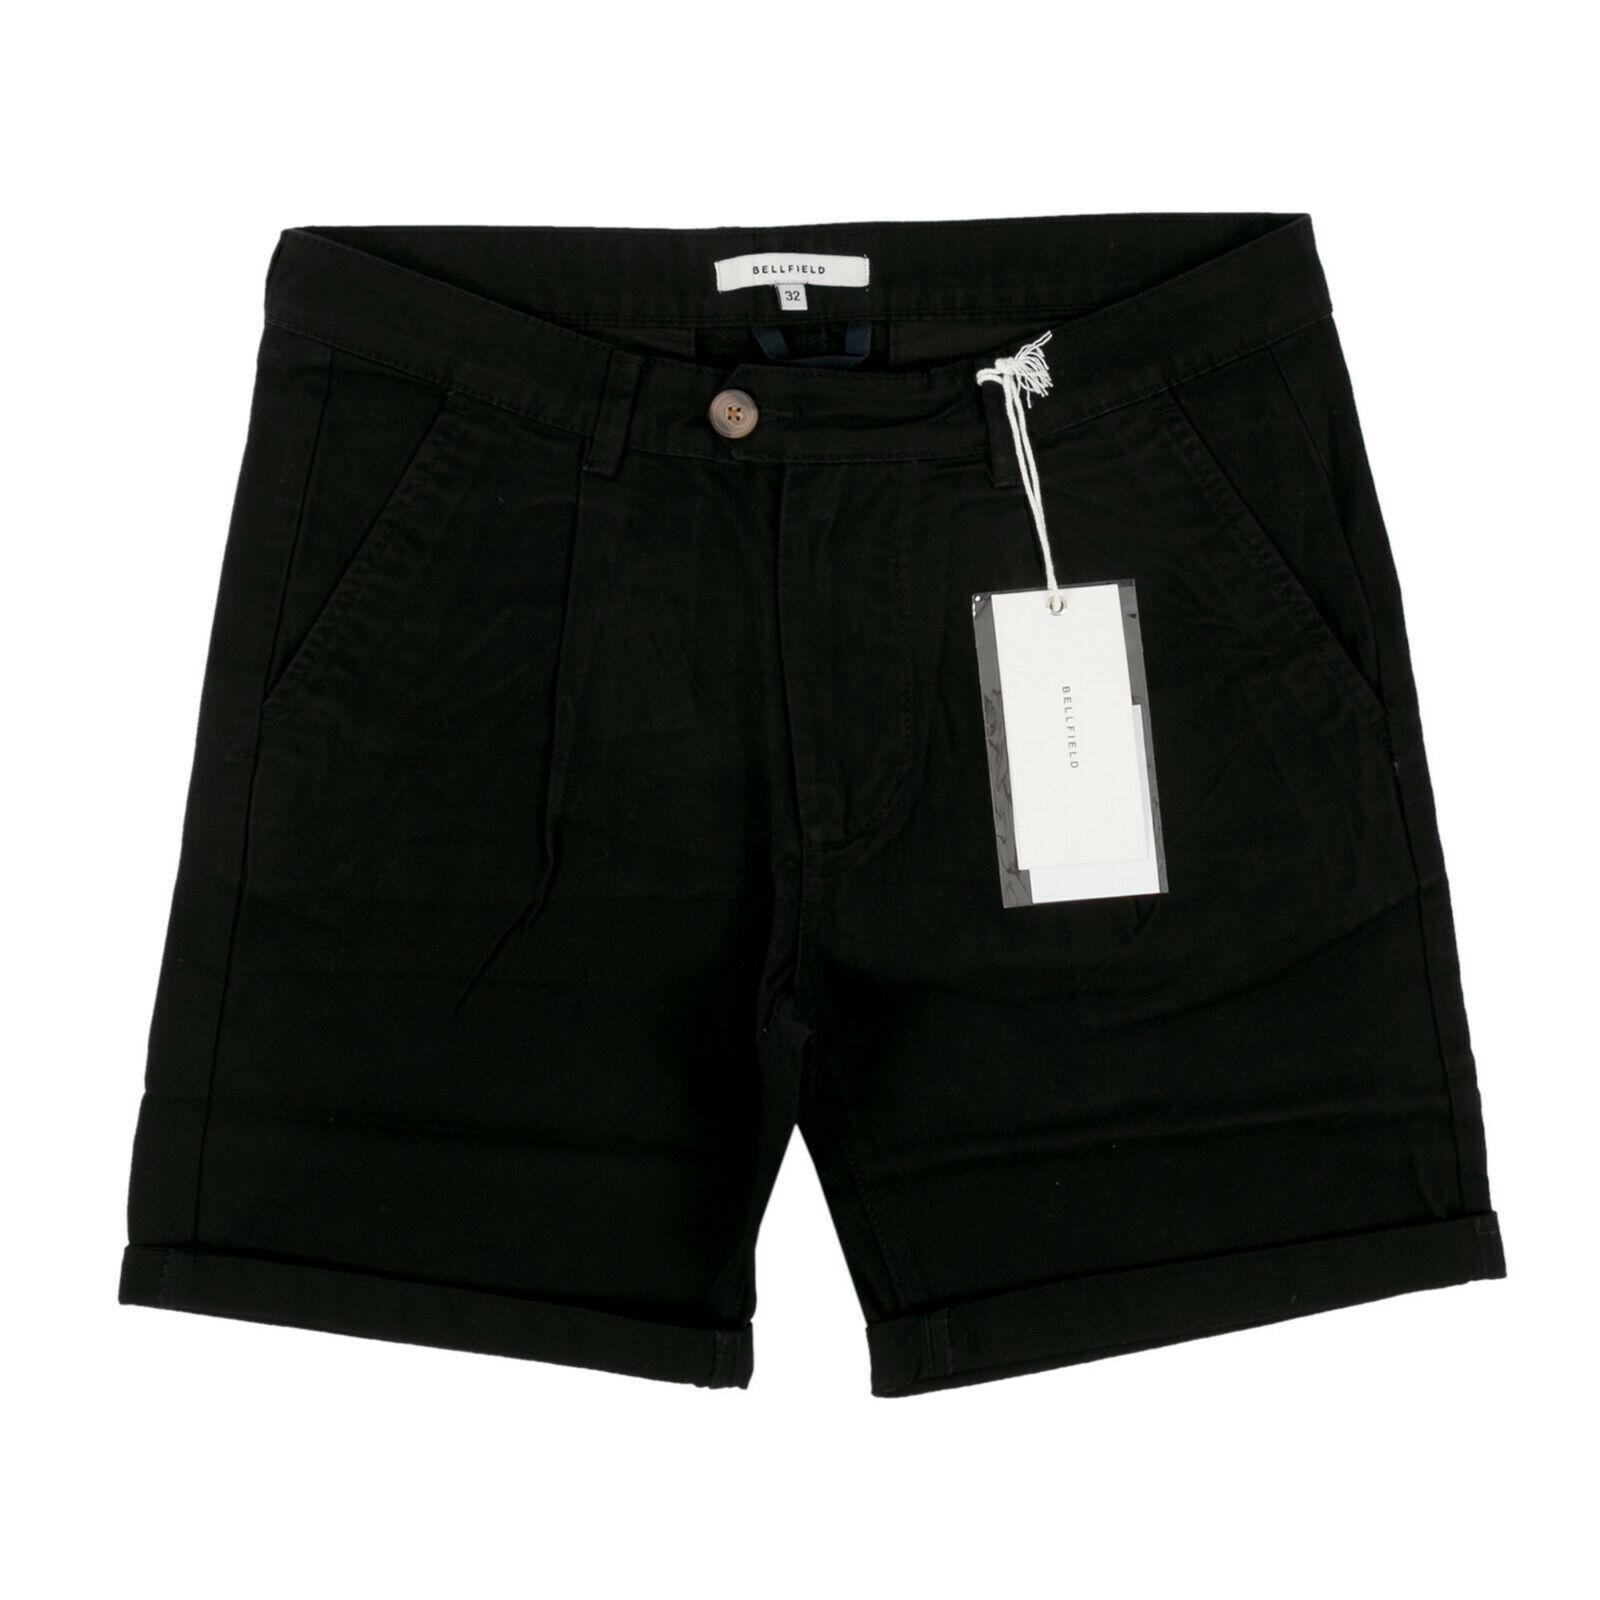 BELLFIELD Herren Chino Shorts Kowalski Schwarz / W32 (W31) / kurze Hose